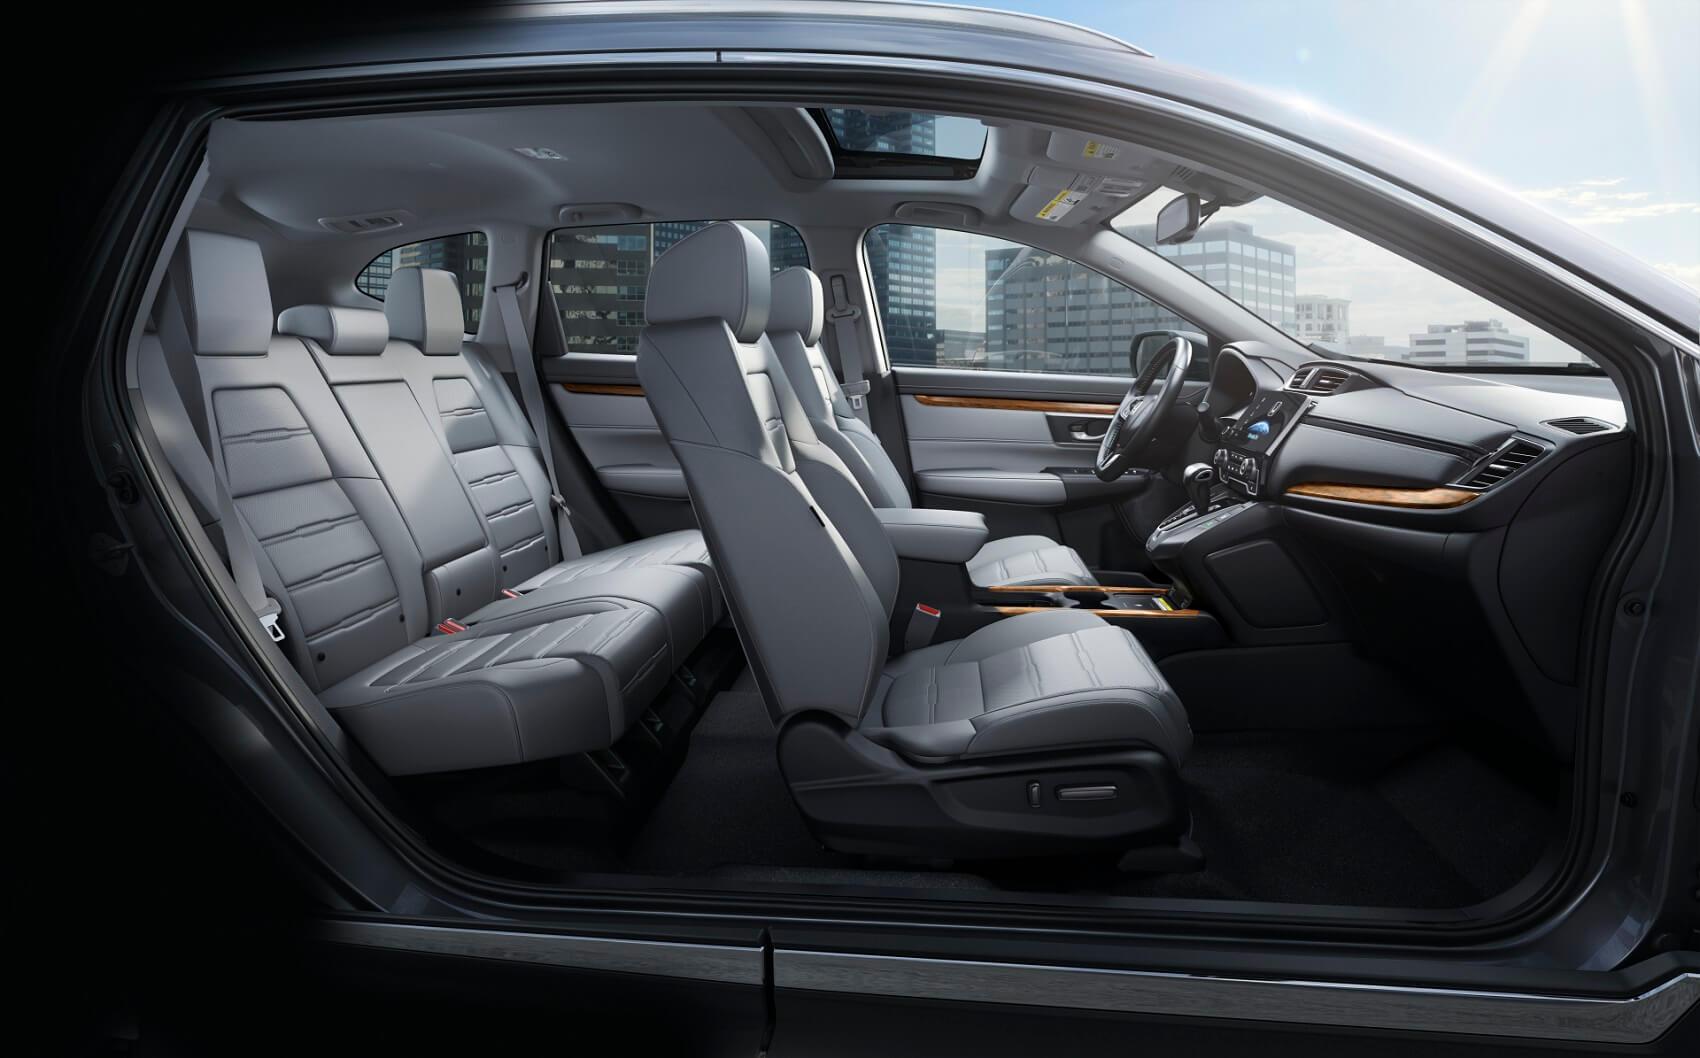 2020 Honda CR-V Interior Seats